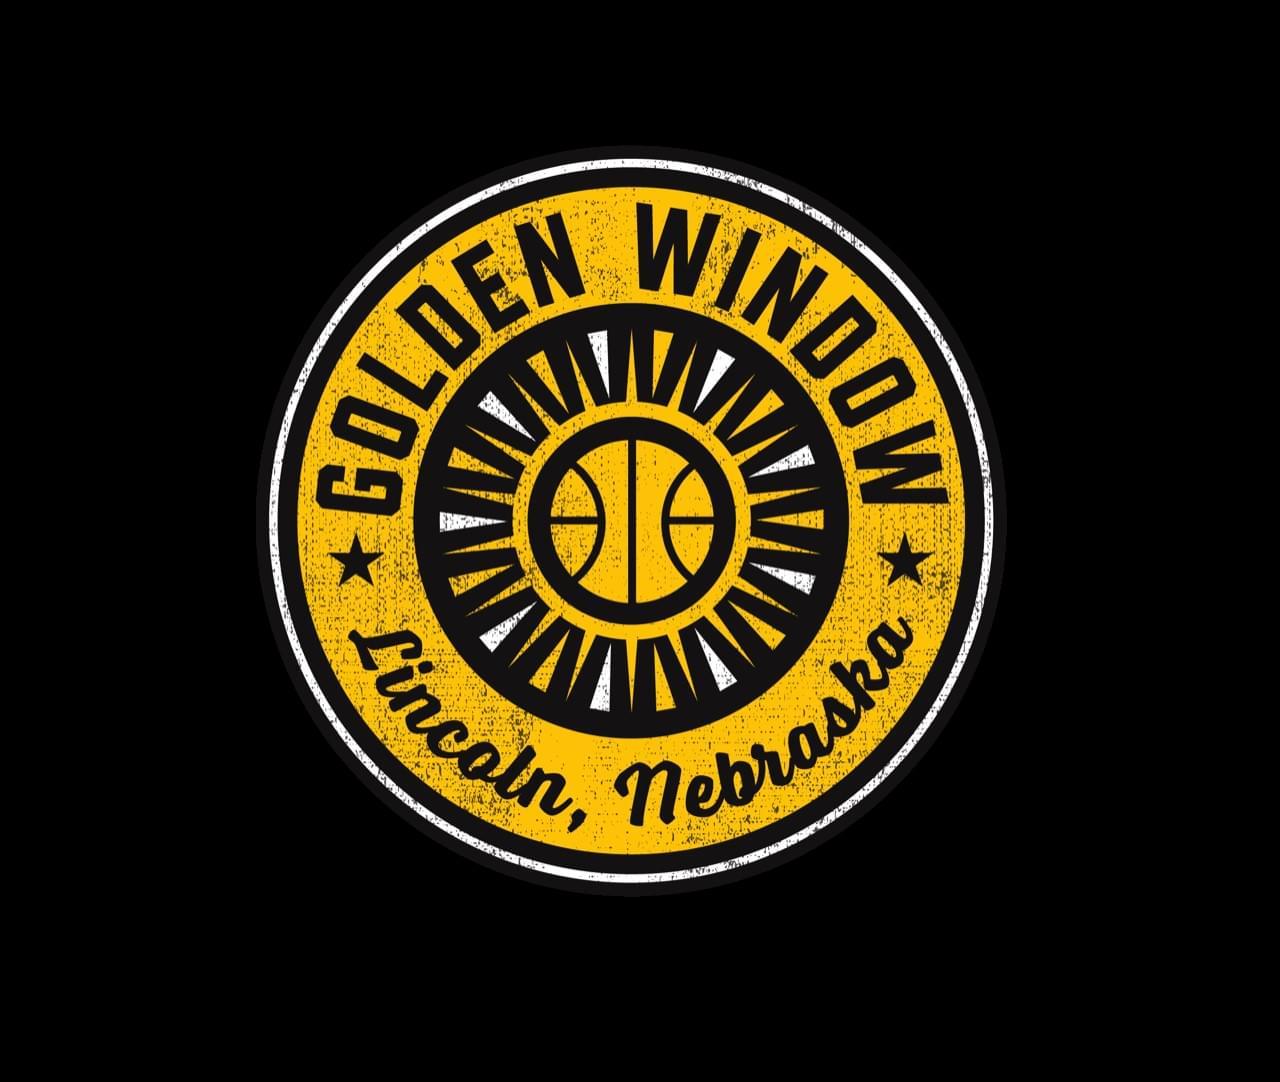 Golden Window Classic